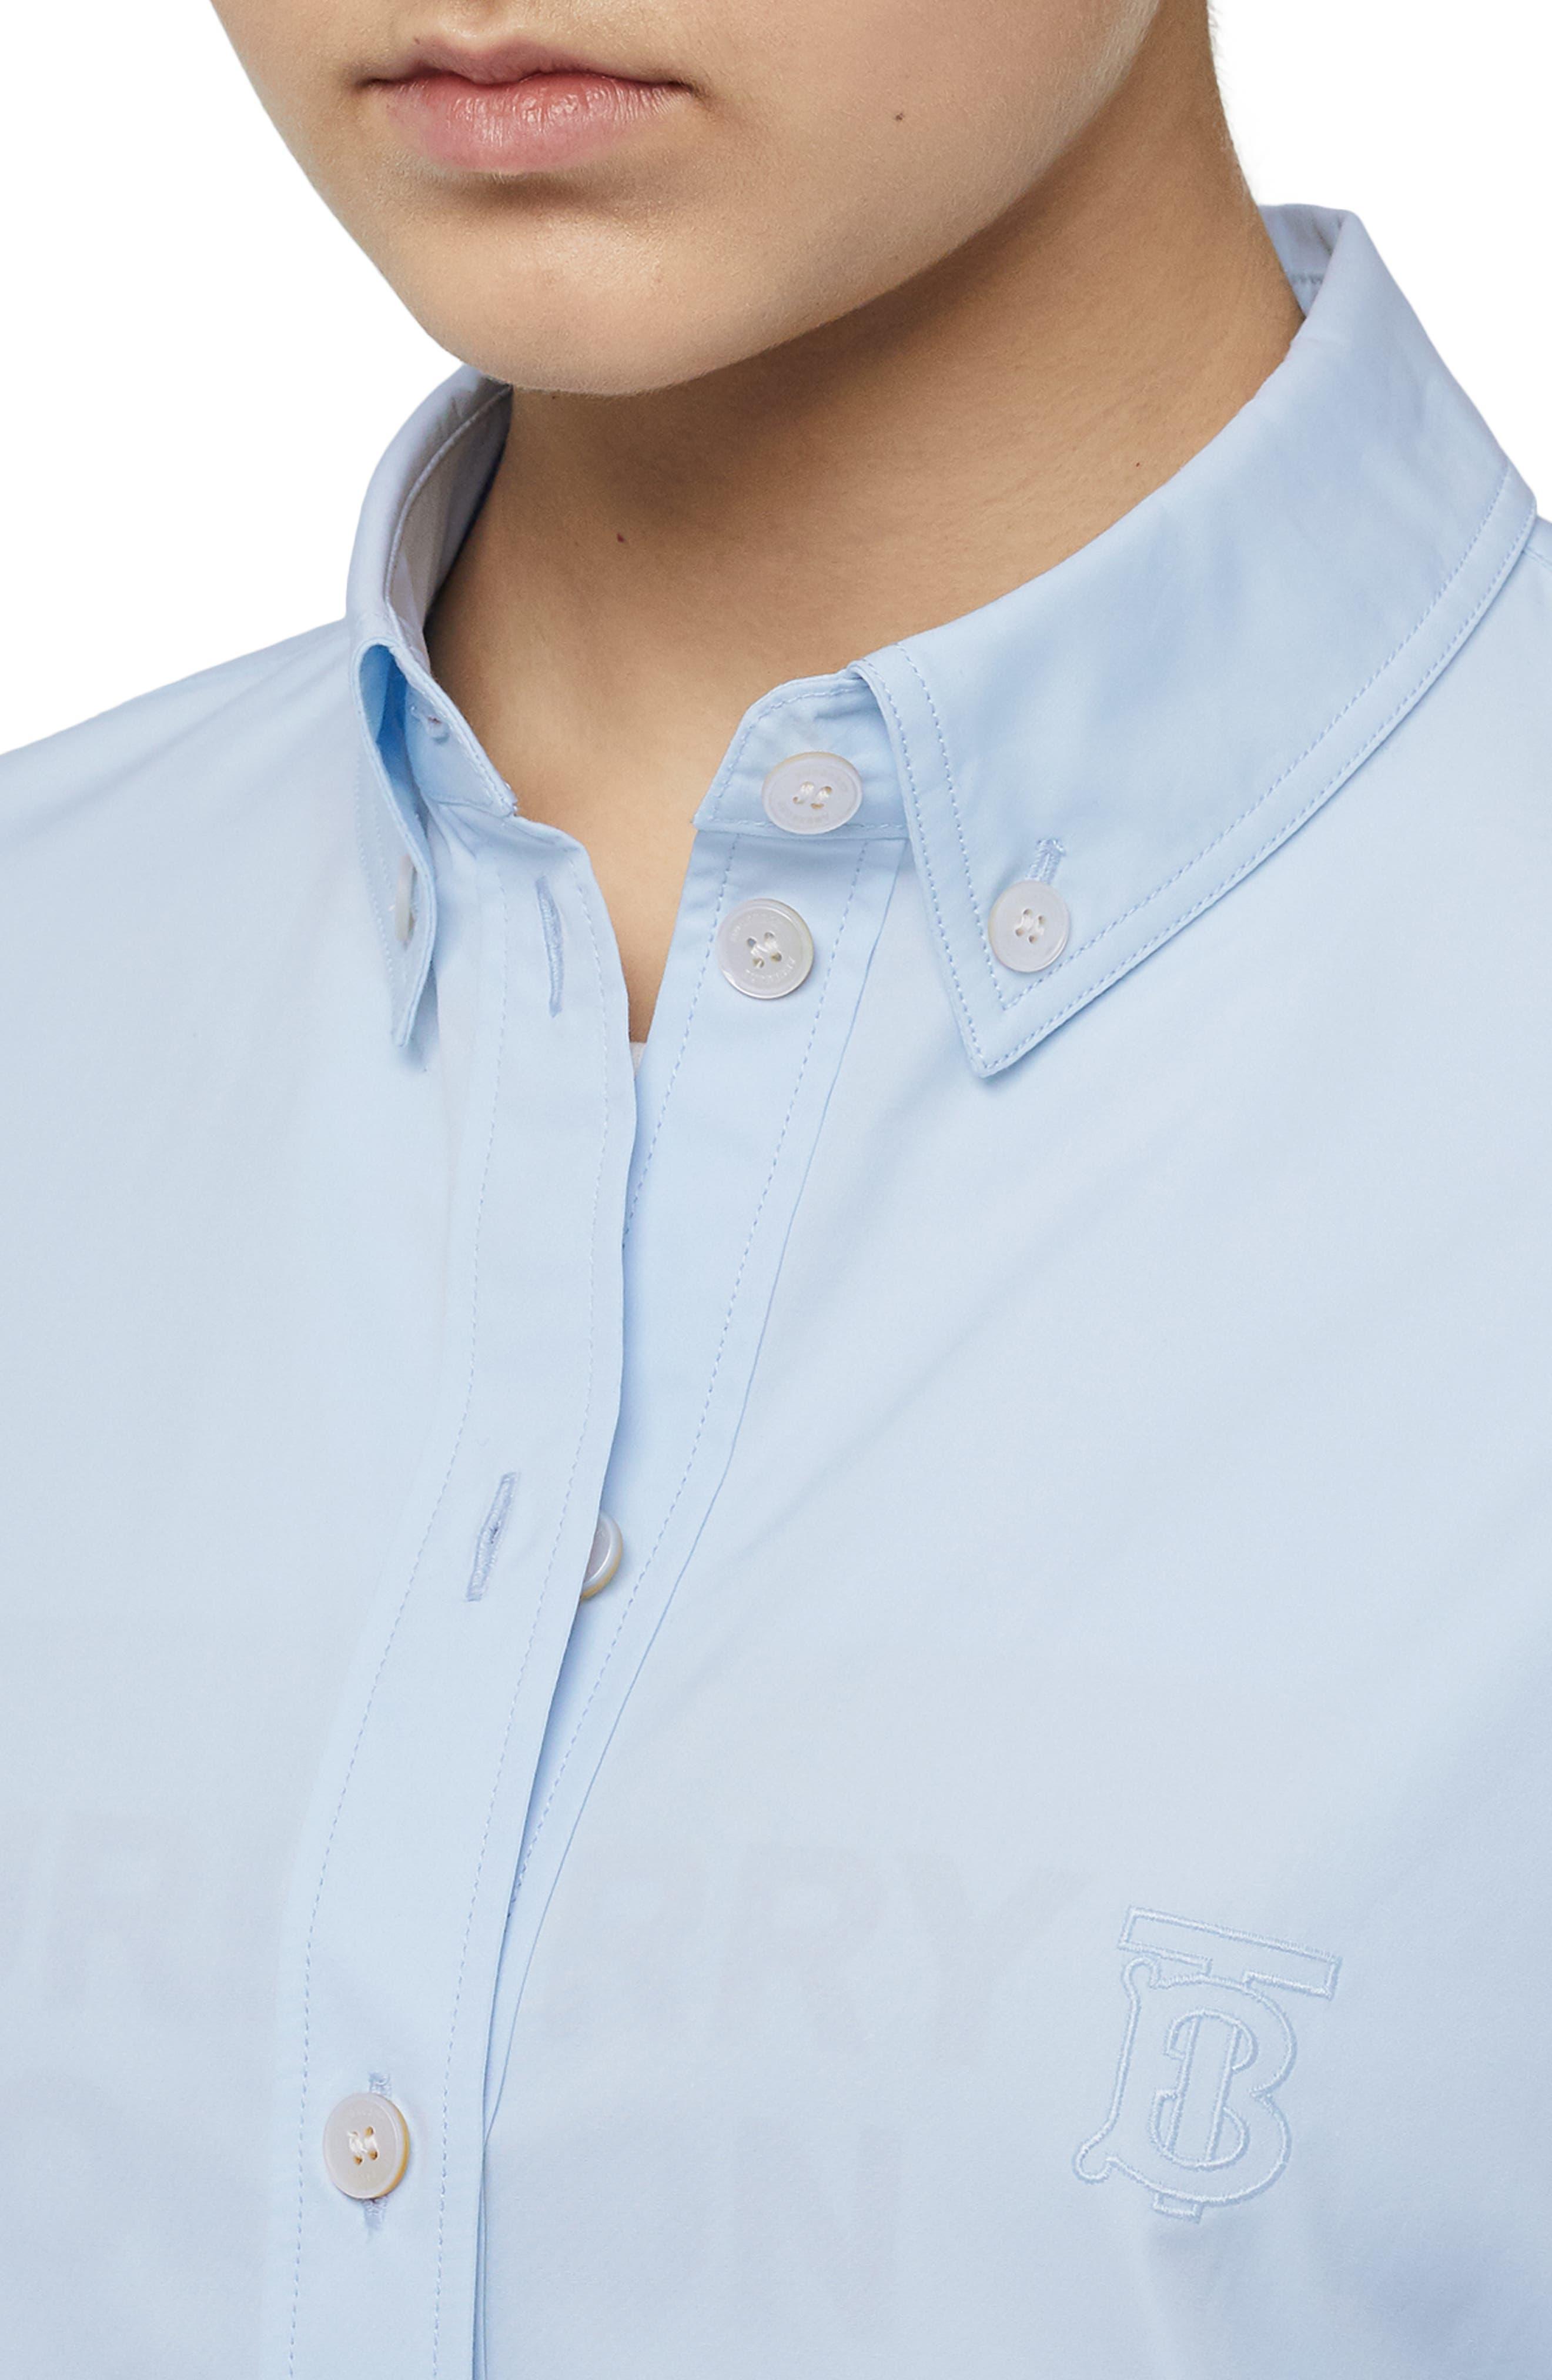 BURBERRY, Monogram Regular Fit Cotton Shirt, Alternate thumbnail 4, color, PALE BLUE